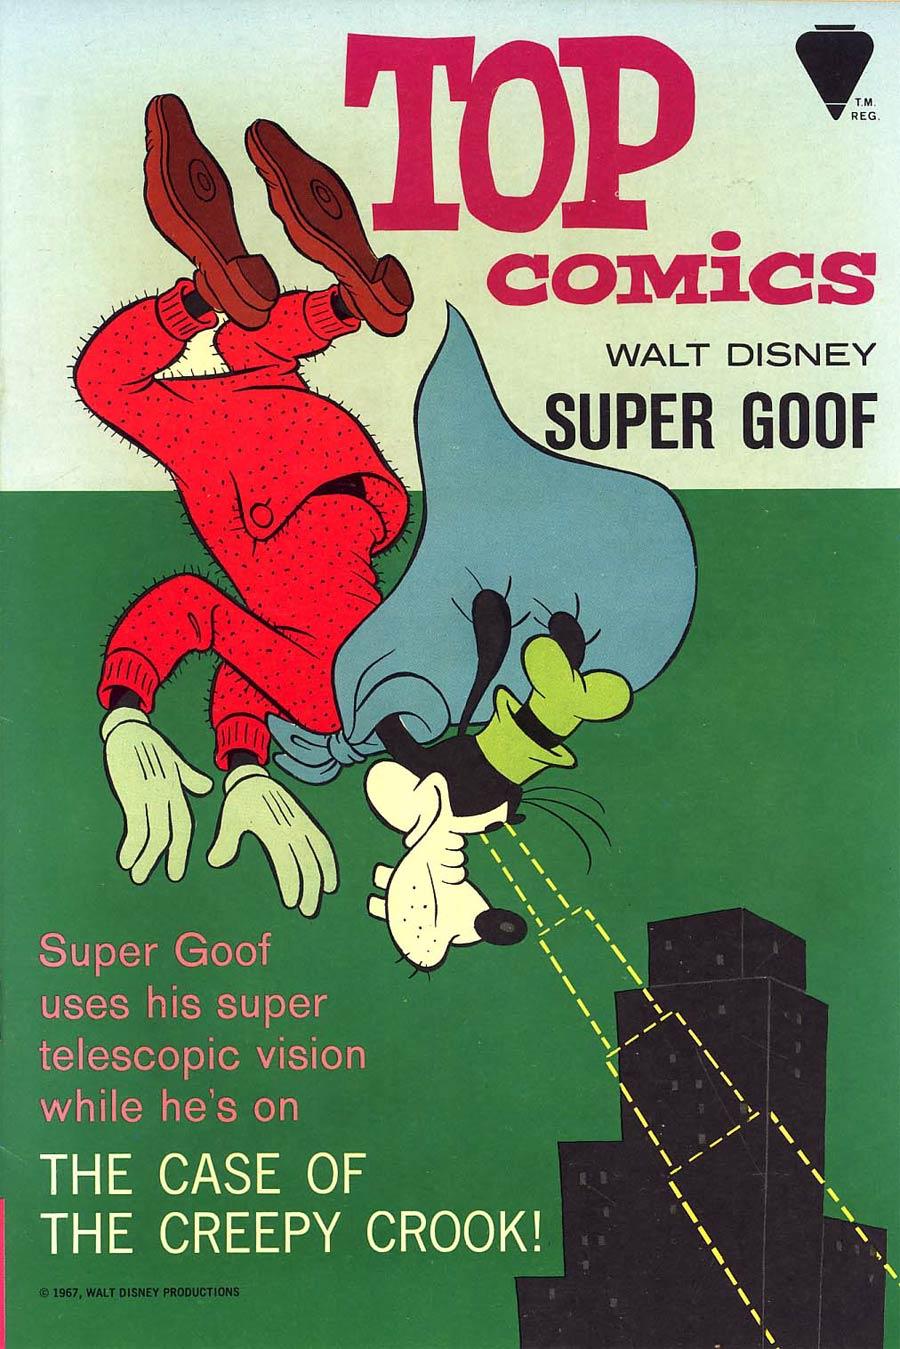 Top Comics #1 Super Goof